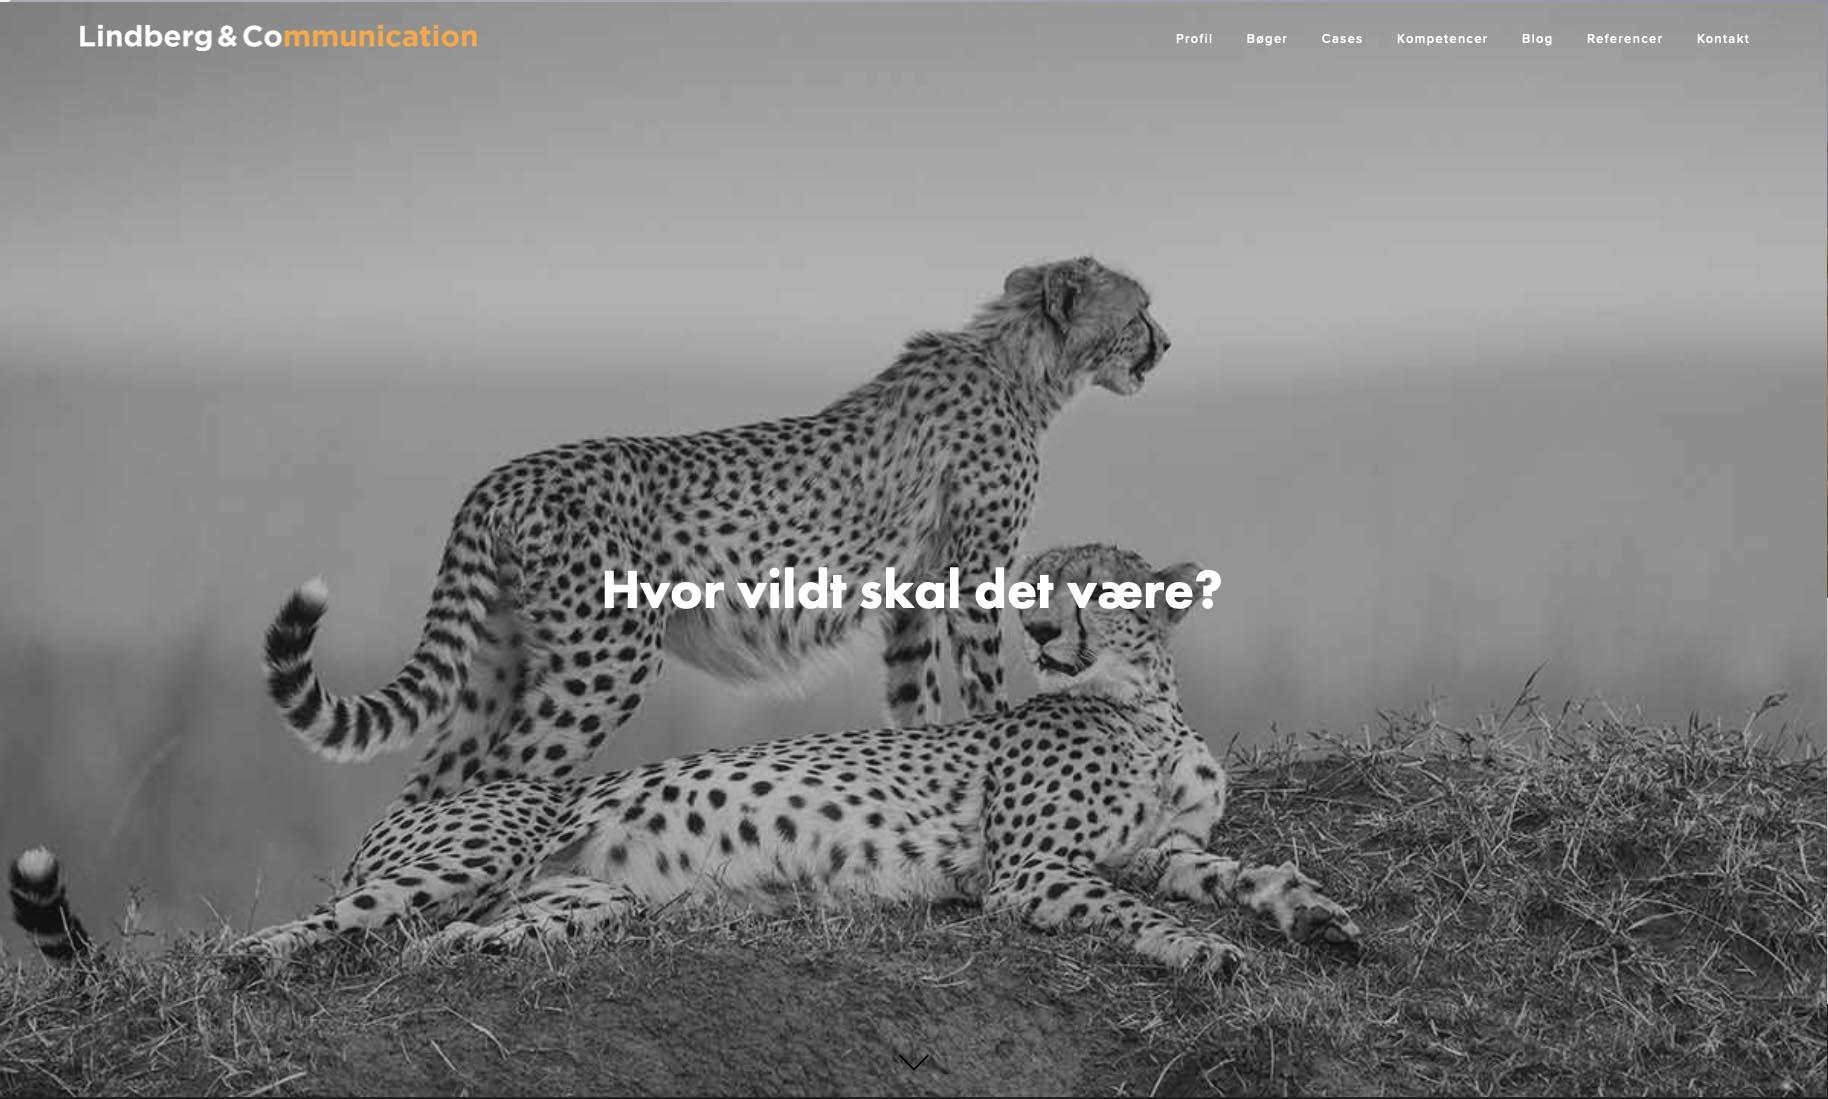 Website: Lindberg & Co